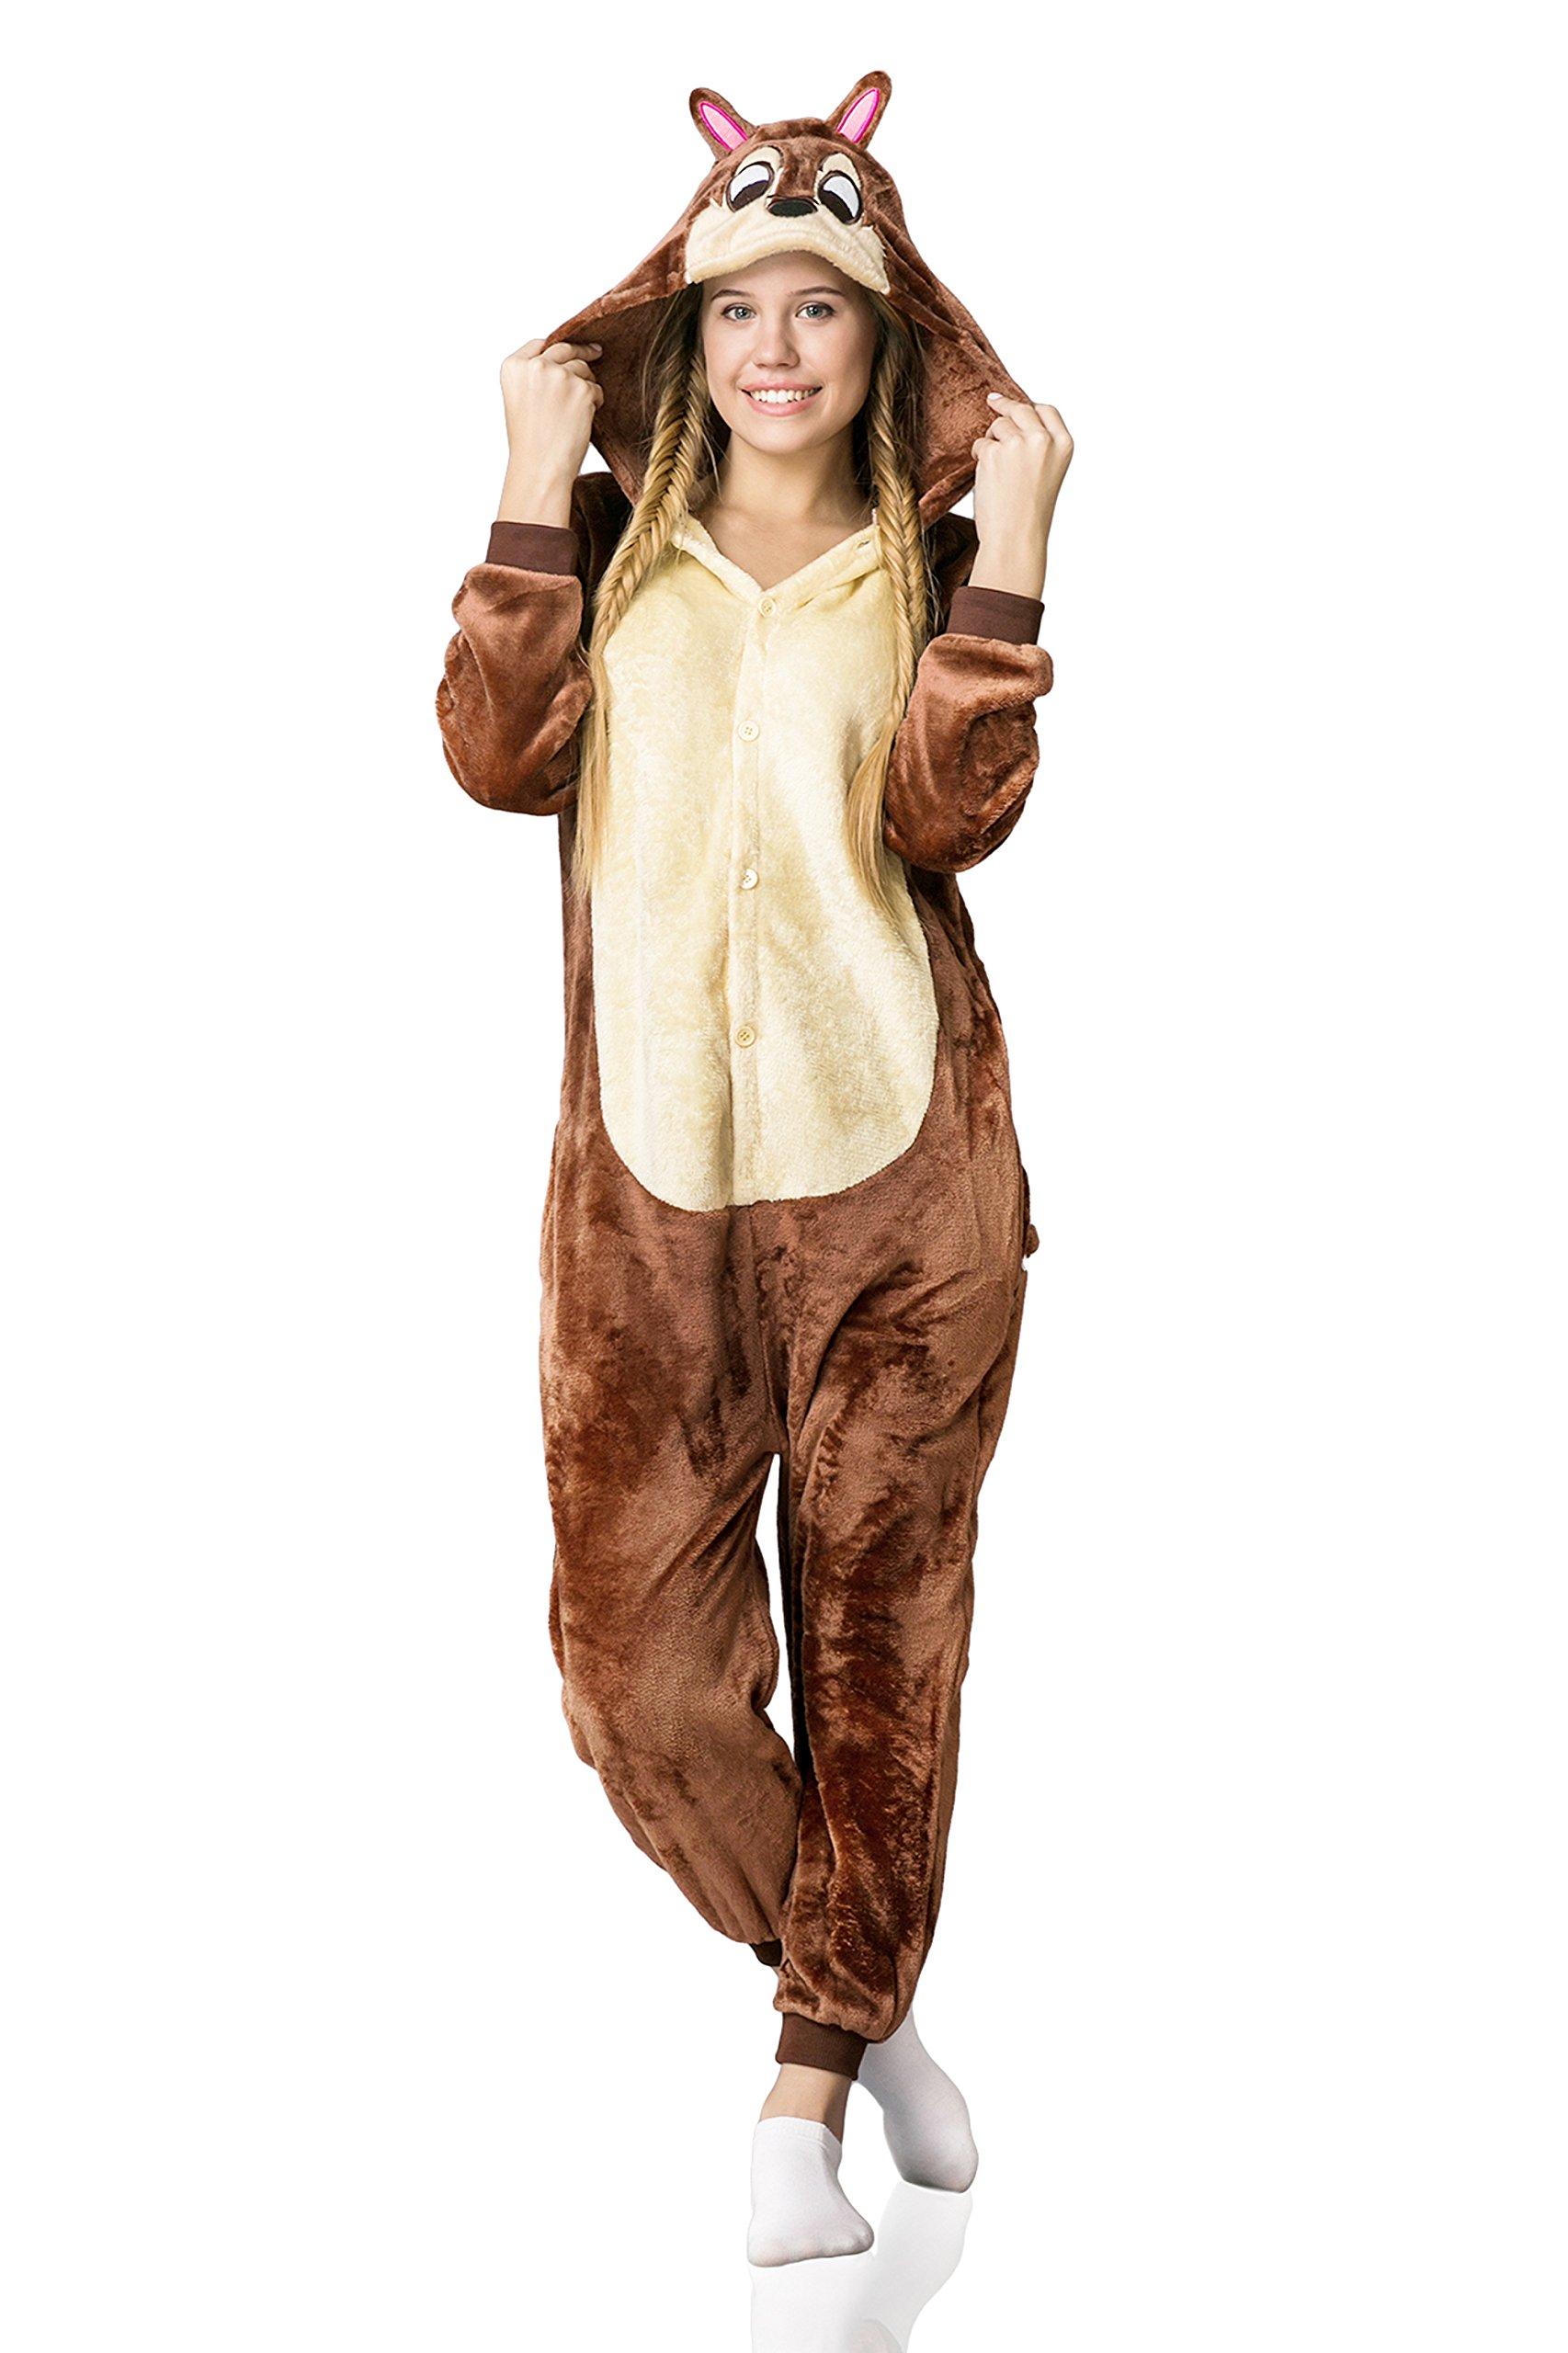 Adult Chipmunk Kigurumi Animal Onesie Pajamas Onsie One Piece Cosplay Costume (L, brown, beige)